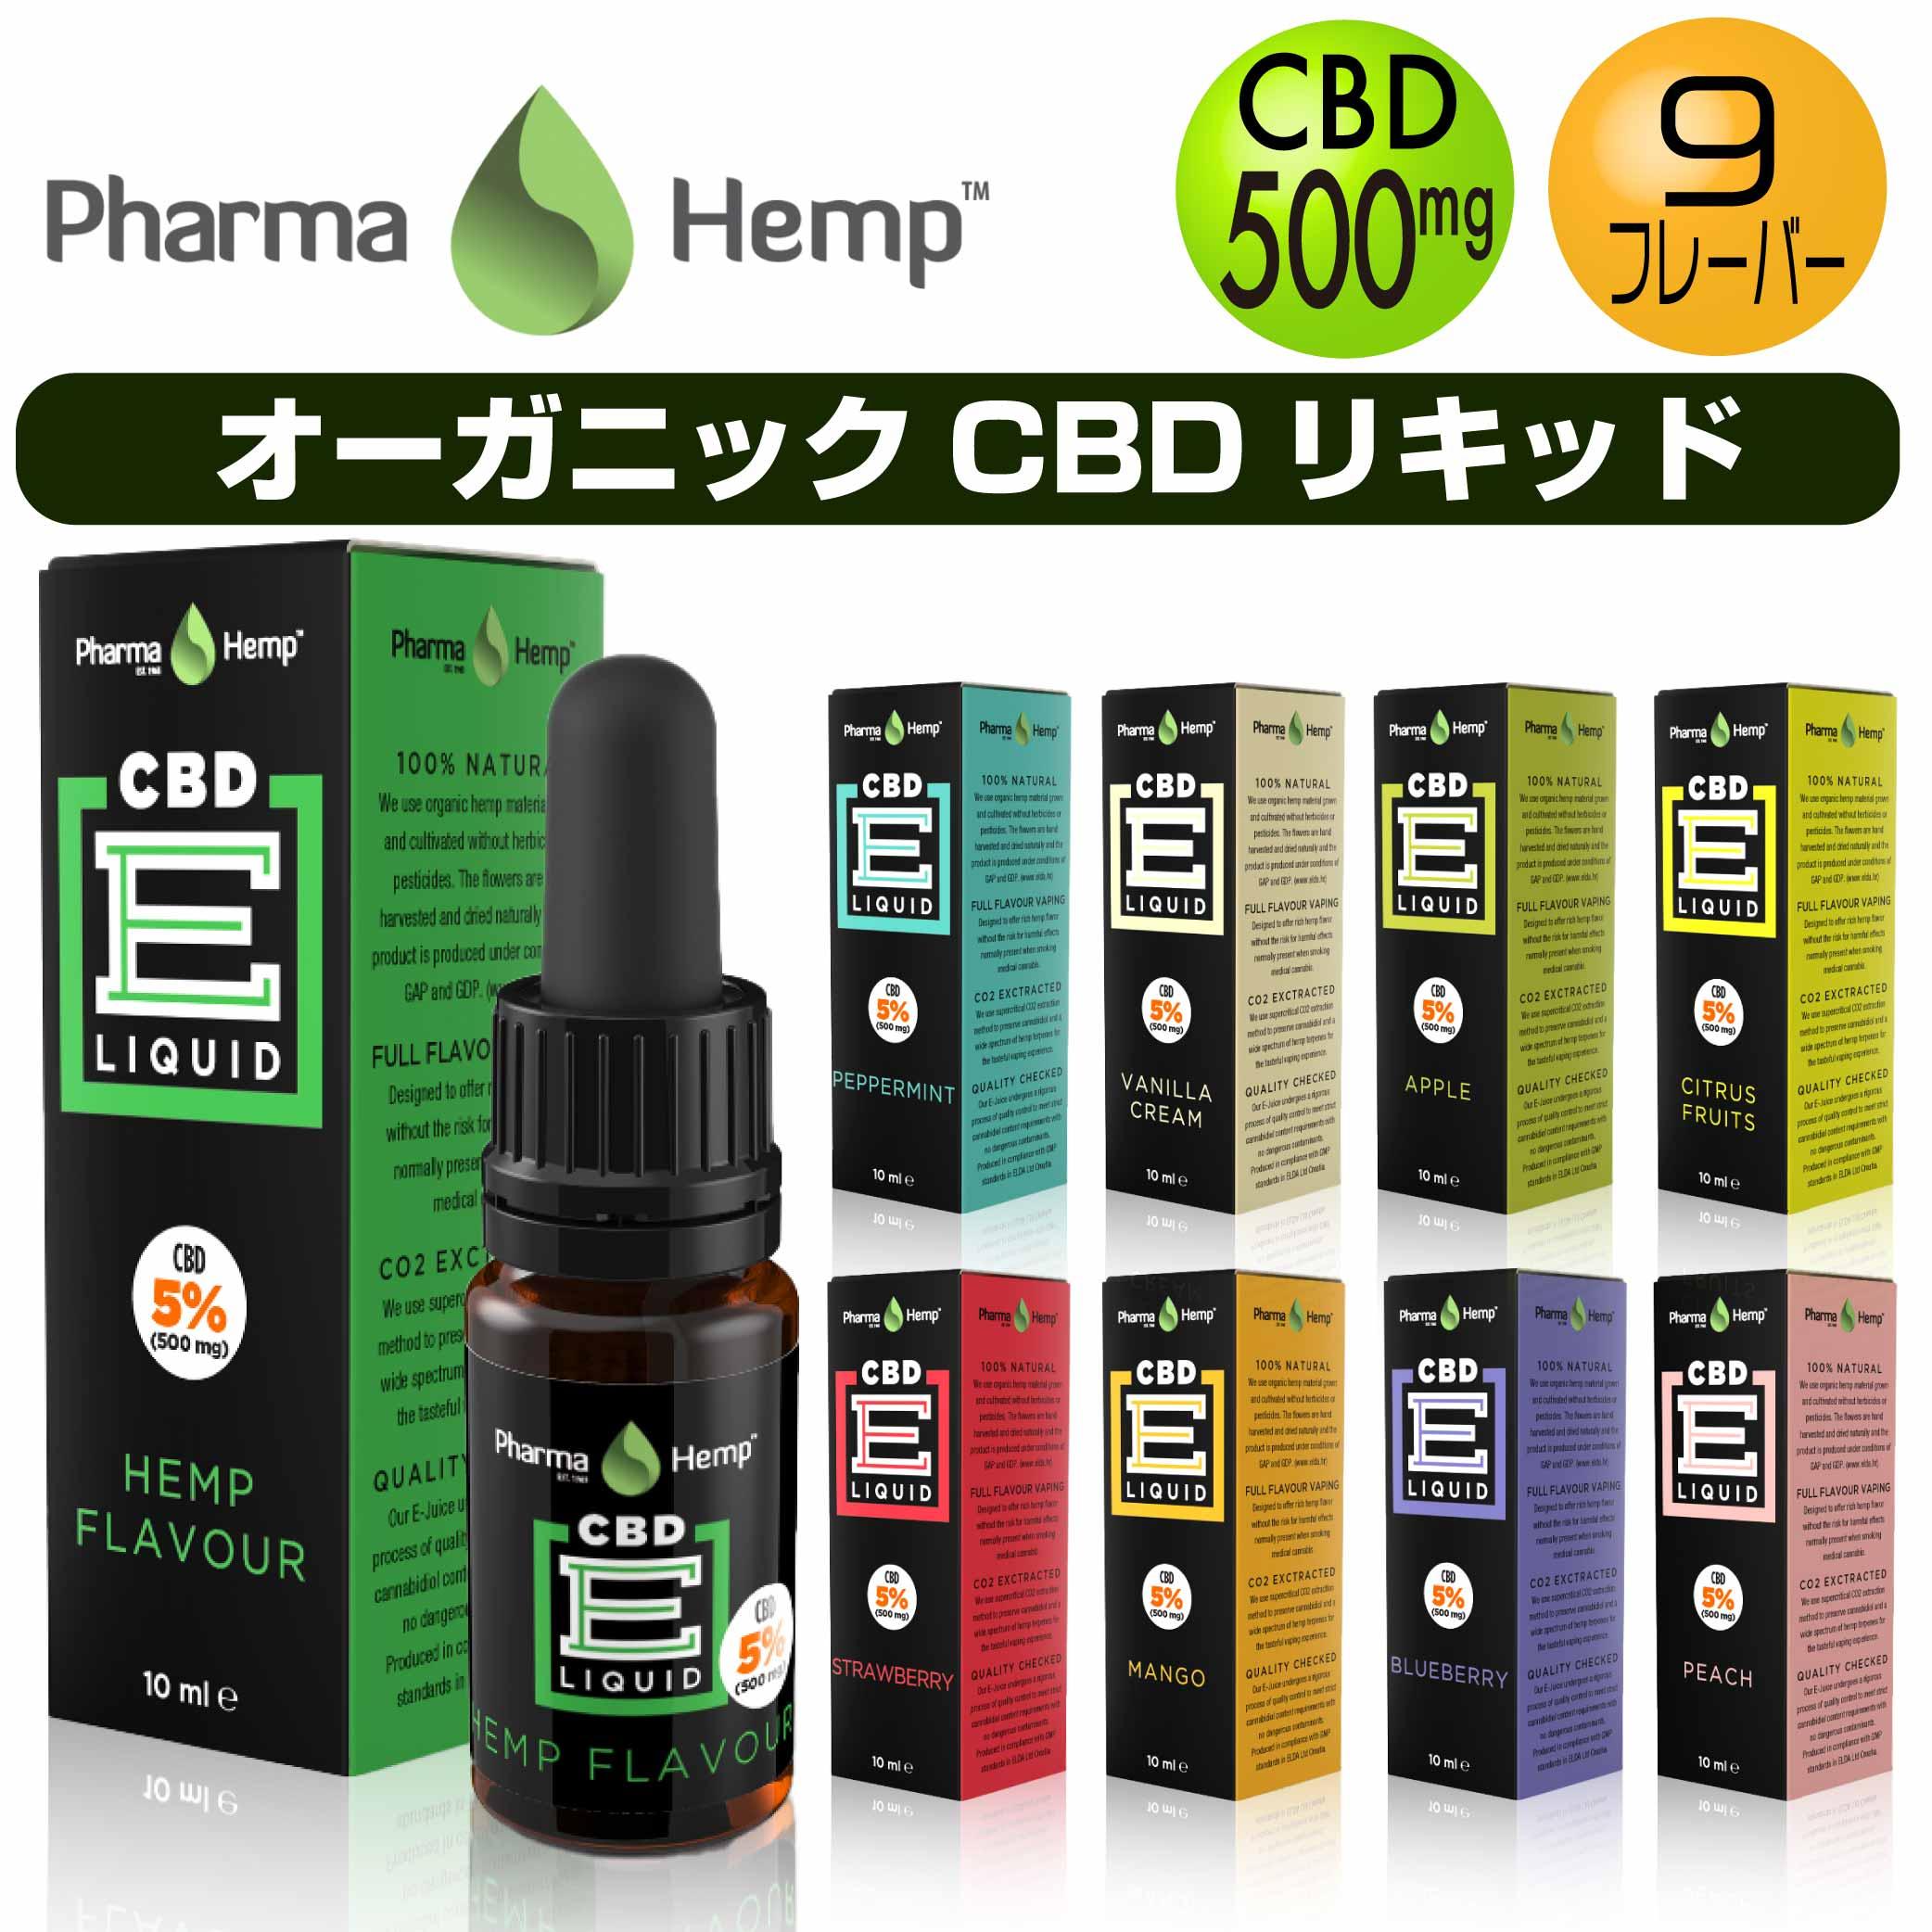 CBDリキッド セール価格 PharmaHemp ご予約品 ファーマヘンプ CBD VAPE oil 電子タバコ ベイプ パウダー \ 20倍ポイント還元中 vape E-Liquid リキッド カンナビジオール ヘンプ CBDオイル 高濃度 5% カンナビノイド 500mg 高純度